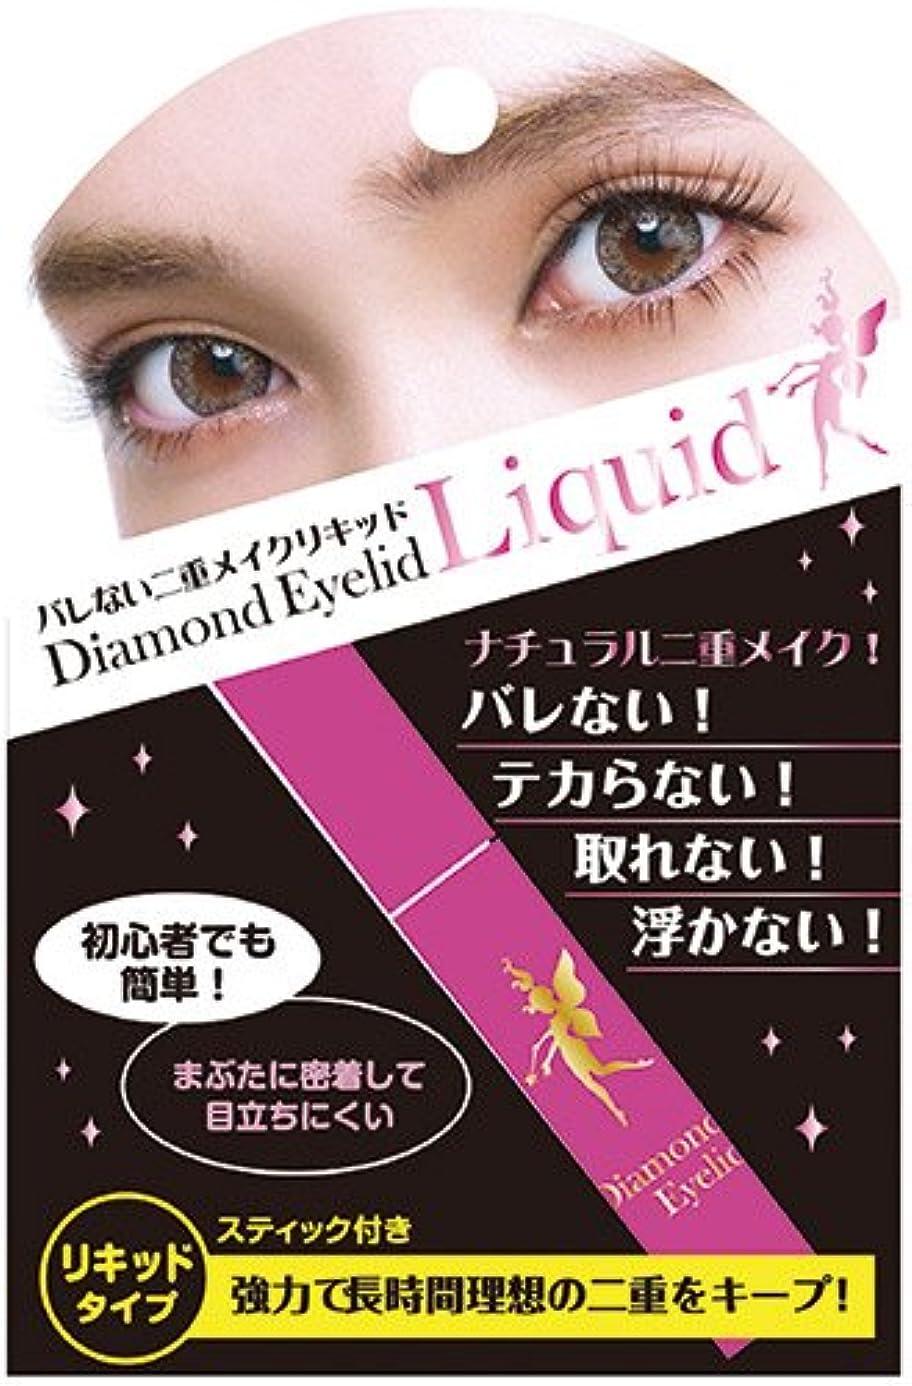 肯定的しっかり報酬のダイヤモンドアイリッド リキッド 3ml